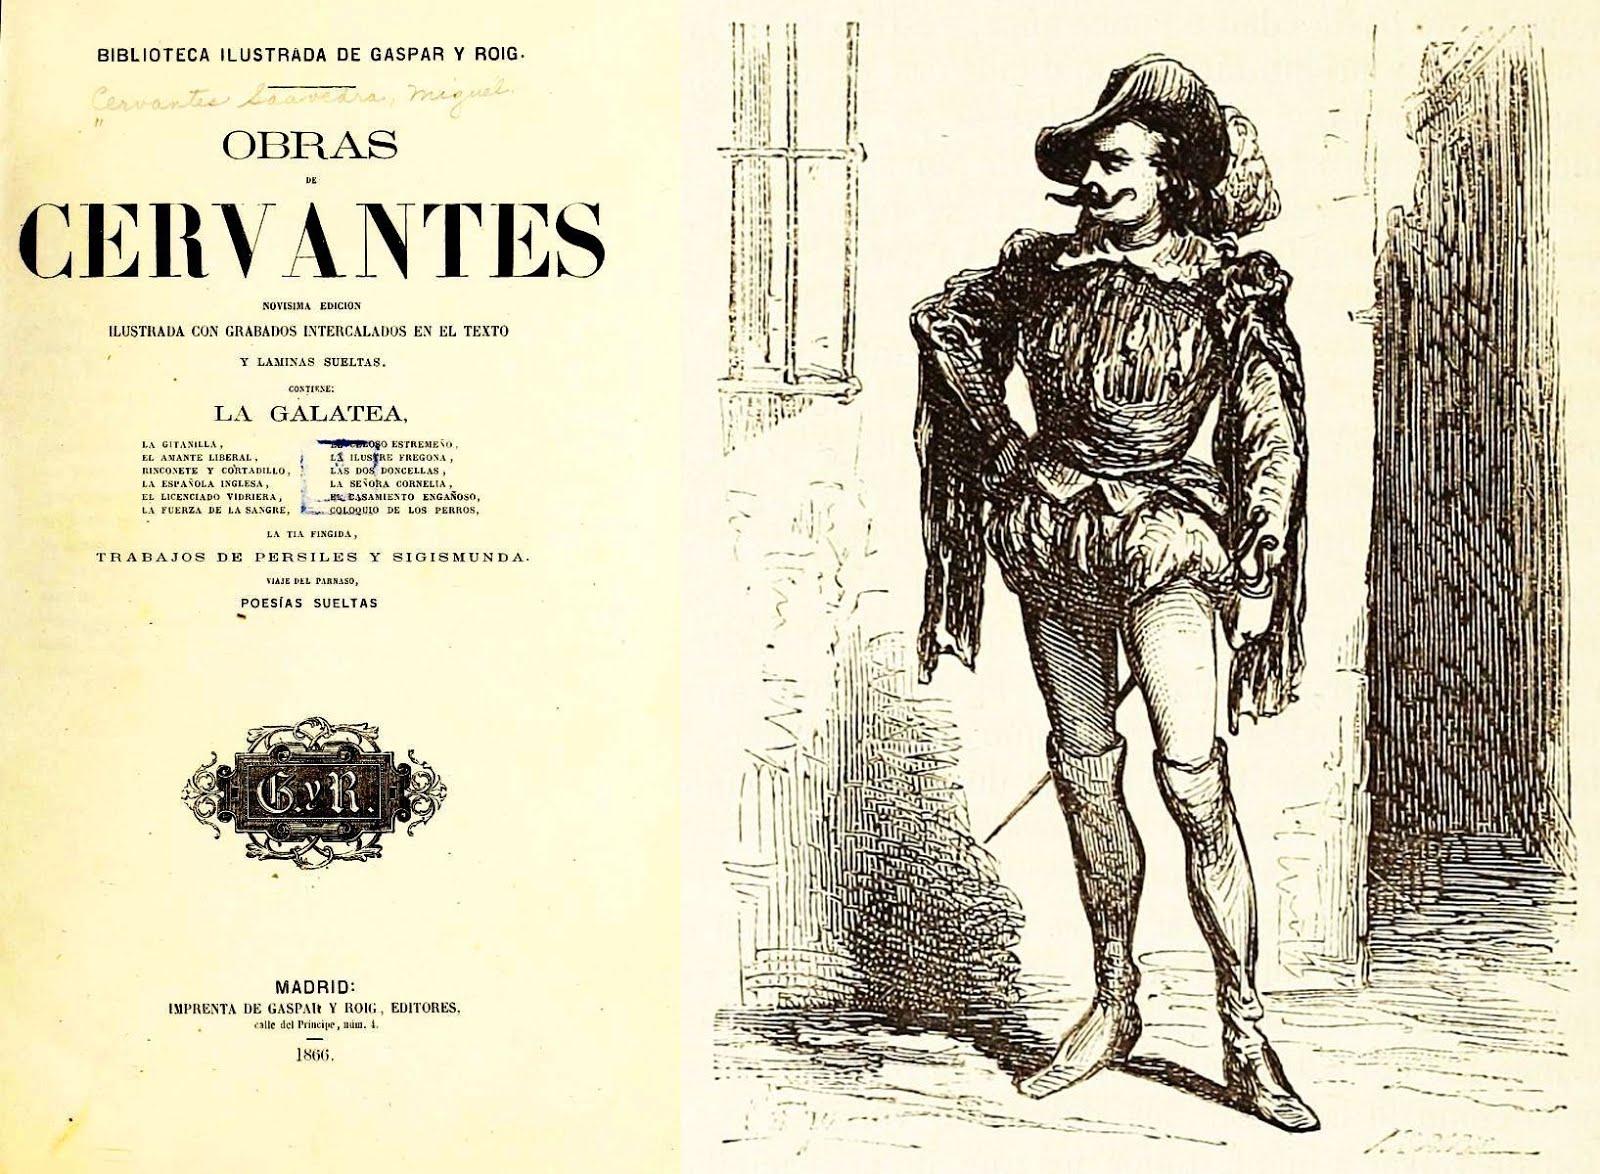 SECCIÓN DE LIBROS ILUSTRADOS. Aportes de Urijenny